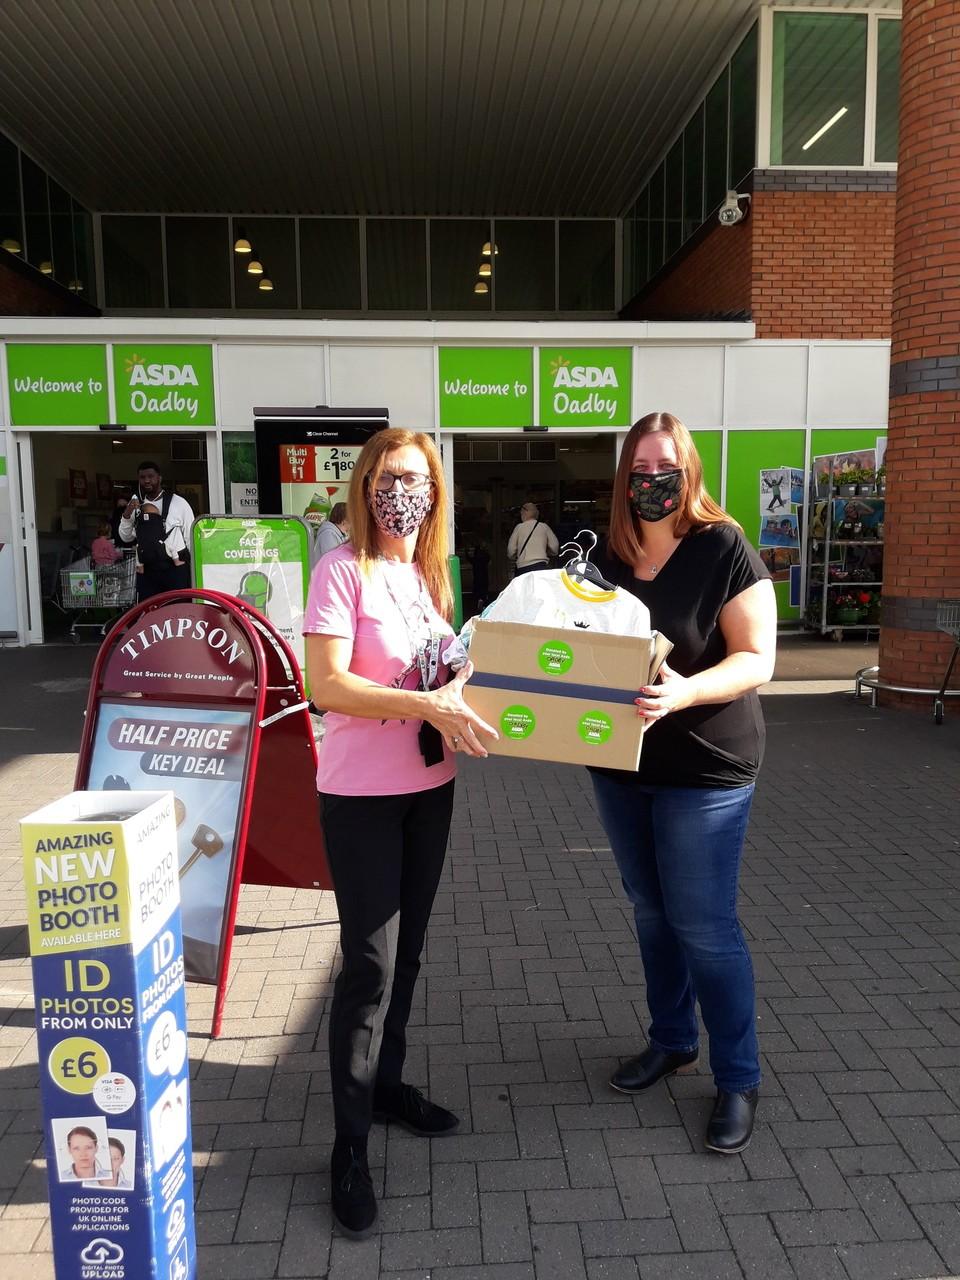 Pyjamas charity donation | Asda Oadby